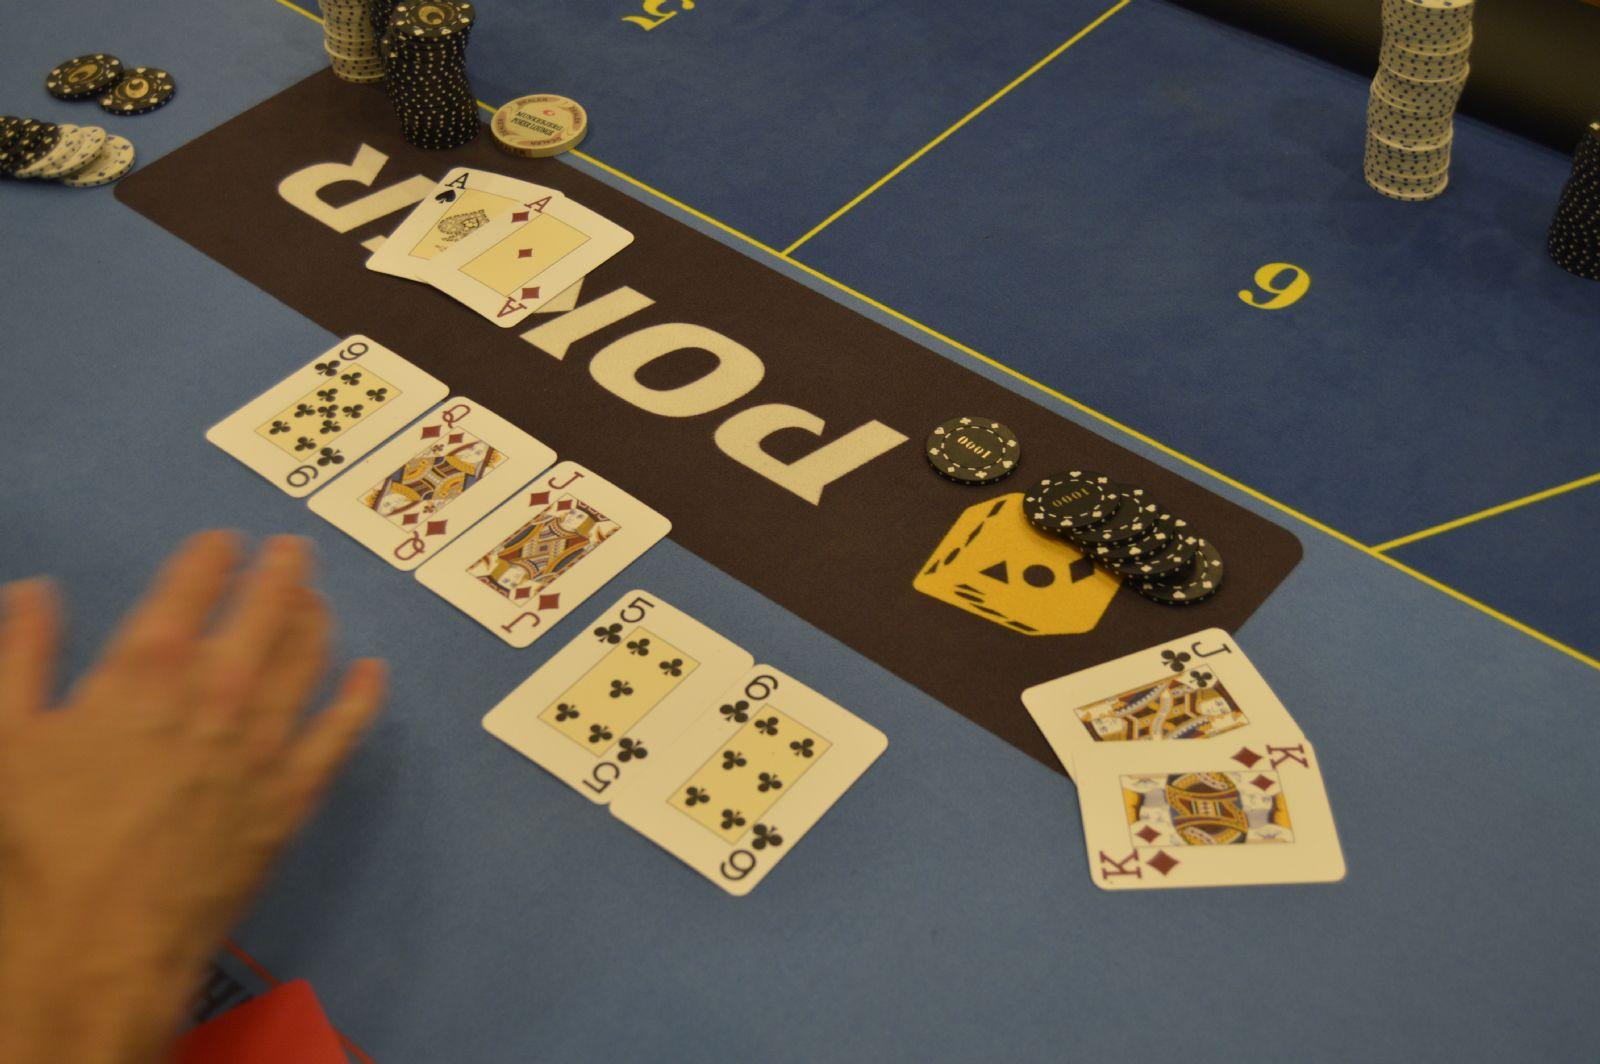 Johan vinder side 001